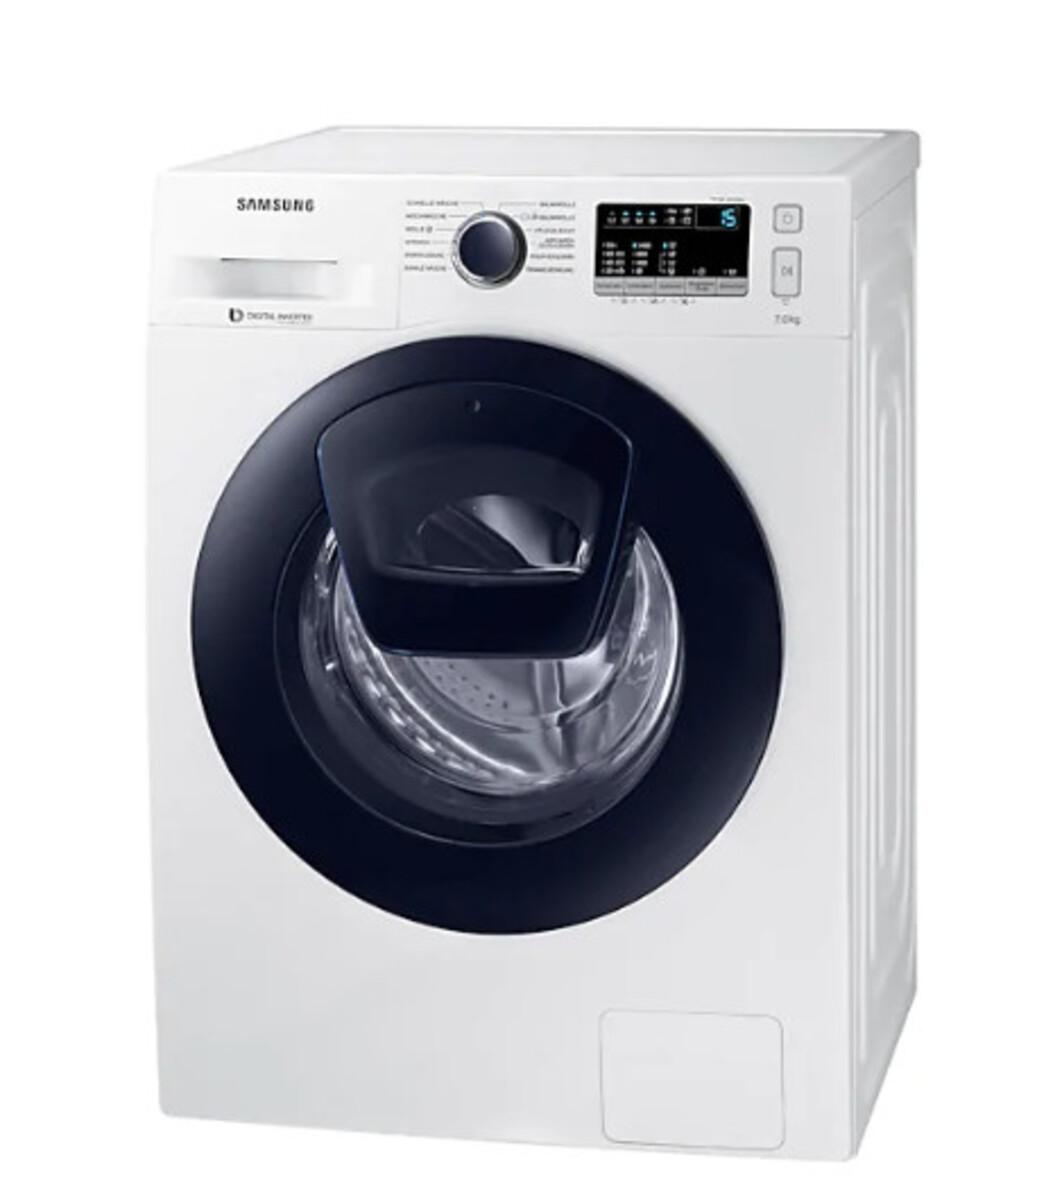 Bild 3 von Samsung Waschmaschine WW4500 WW70K44205W/EG (Energieeffizienzklasse A+++, 7 kg, 1.400 U/min, Diamond Pflegetrommel, Smart Check, weiß, Frontlader)